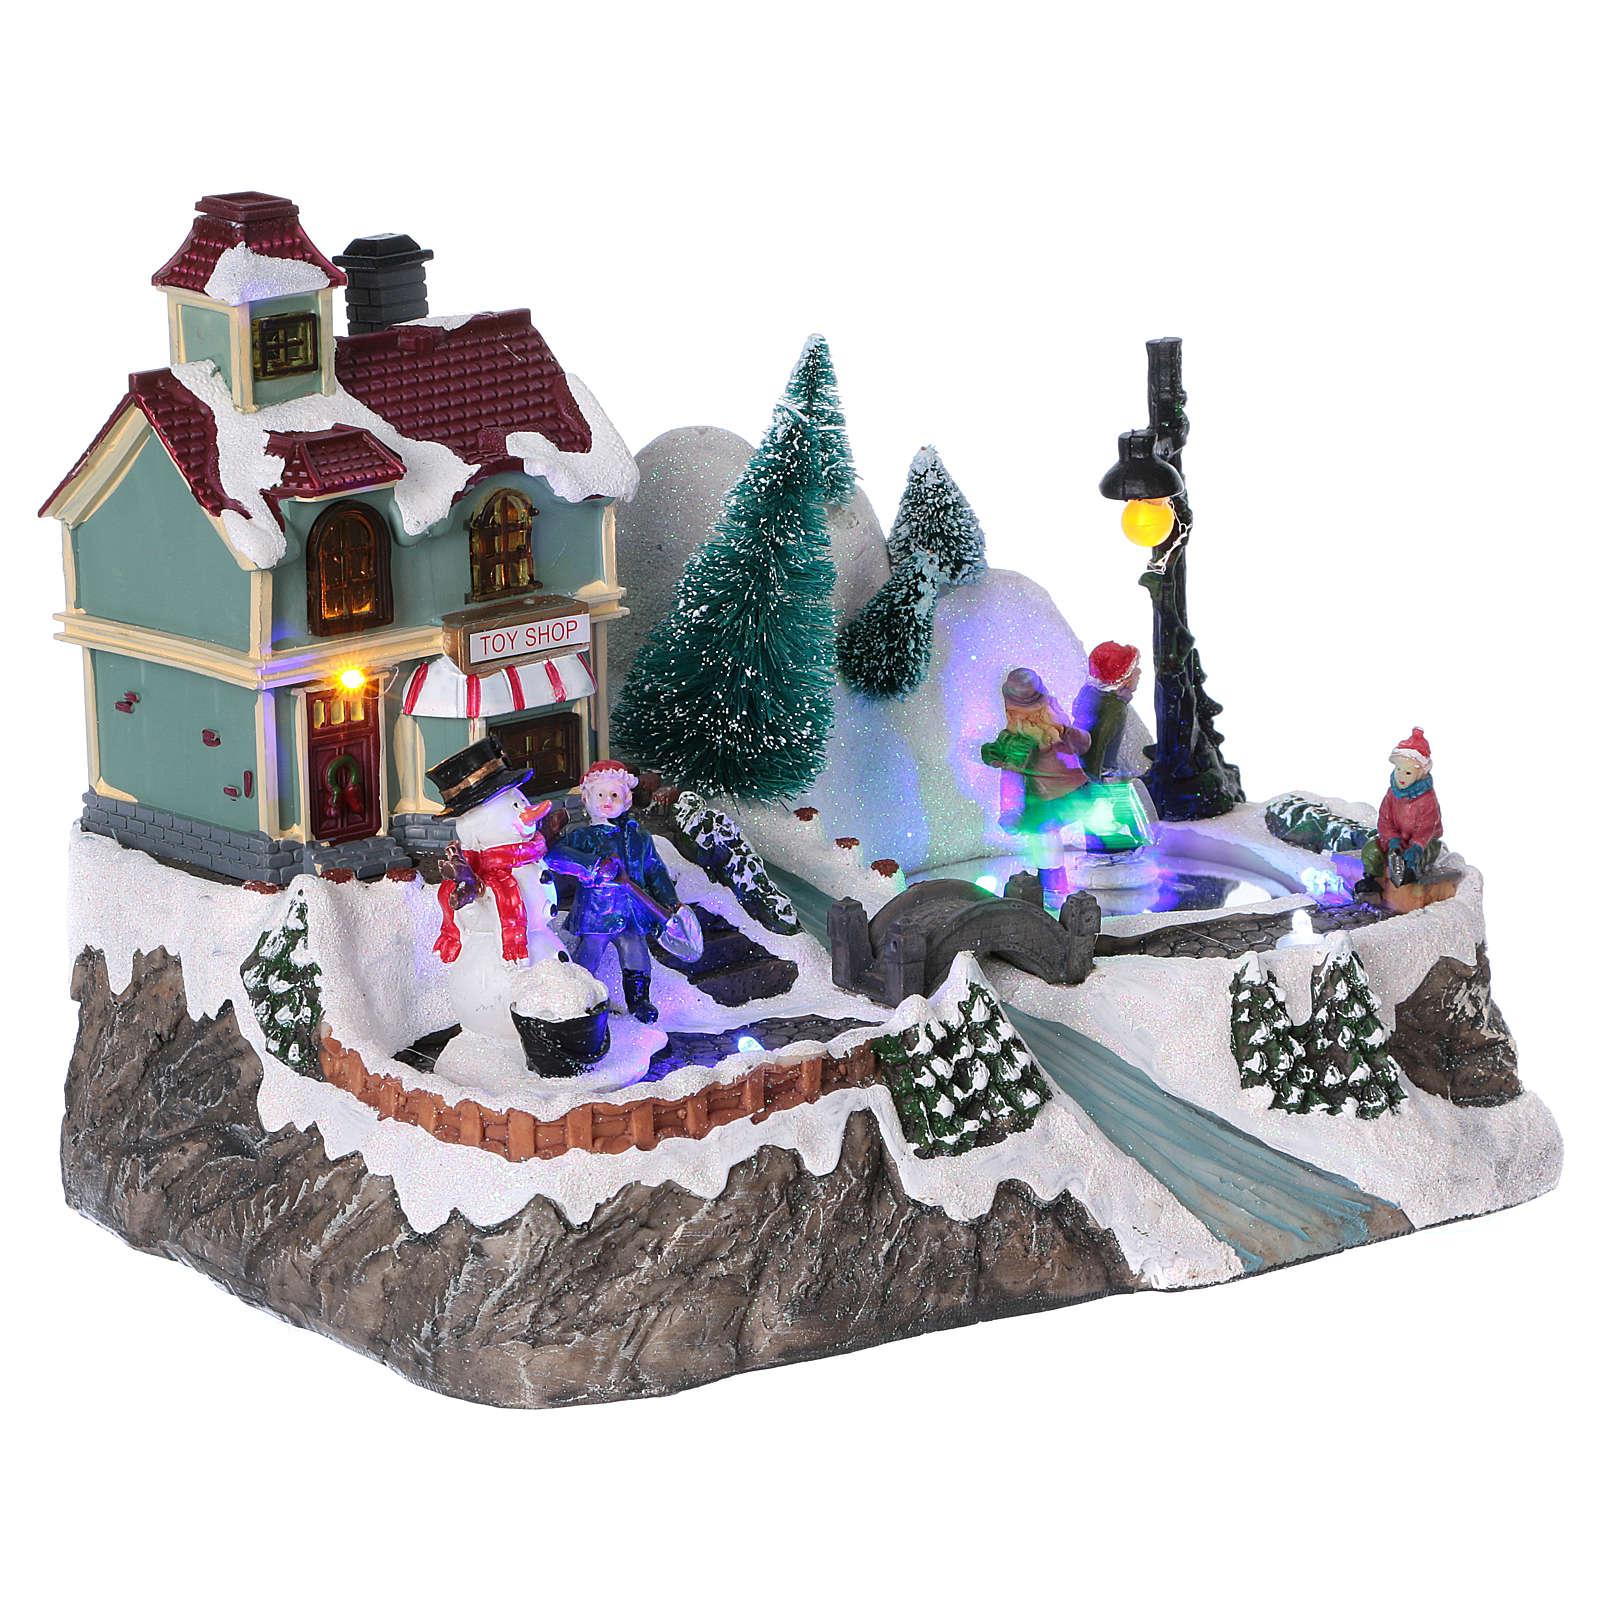 Cenário natalino iluminado patinadores movimento loja de brinquedos 21x25x16 cm pilhas corrente 3